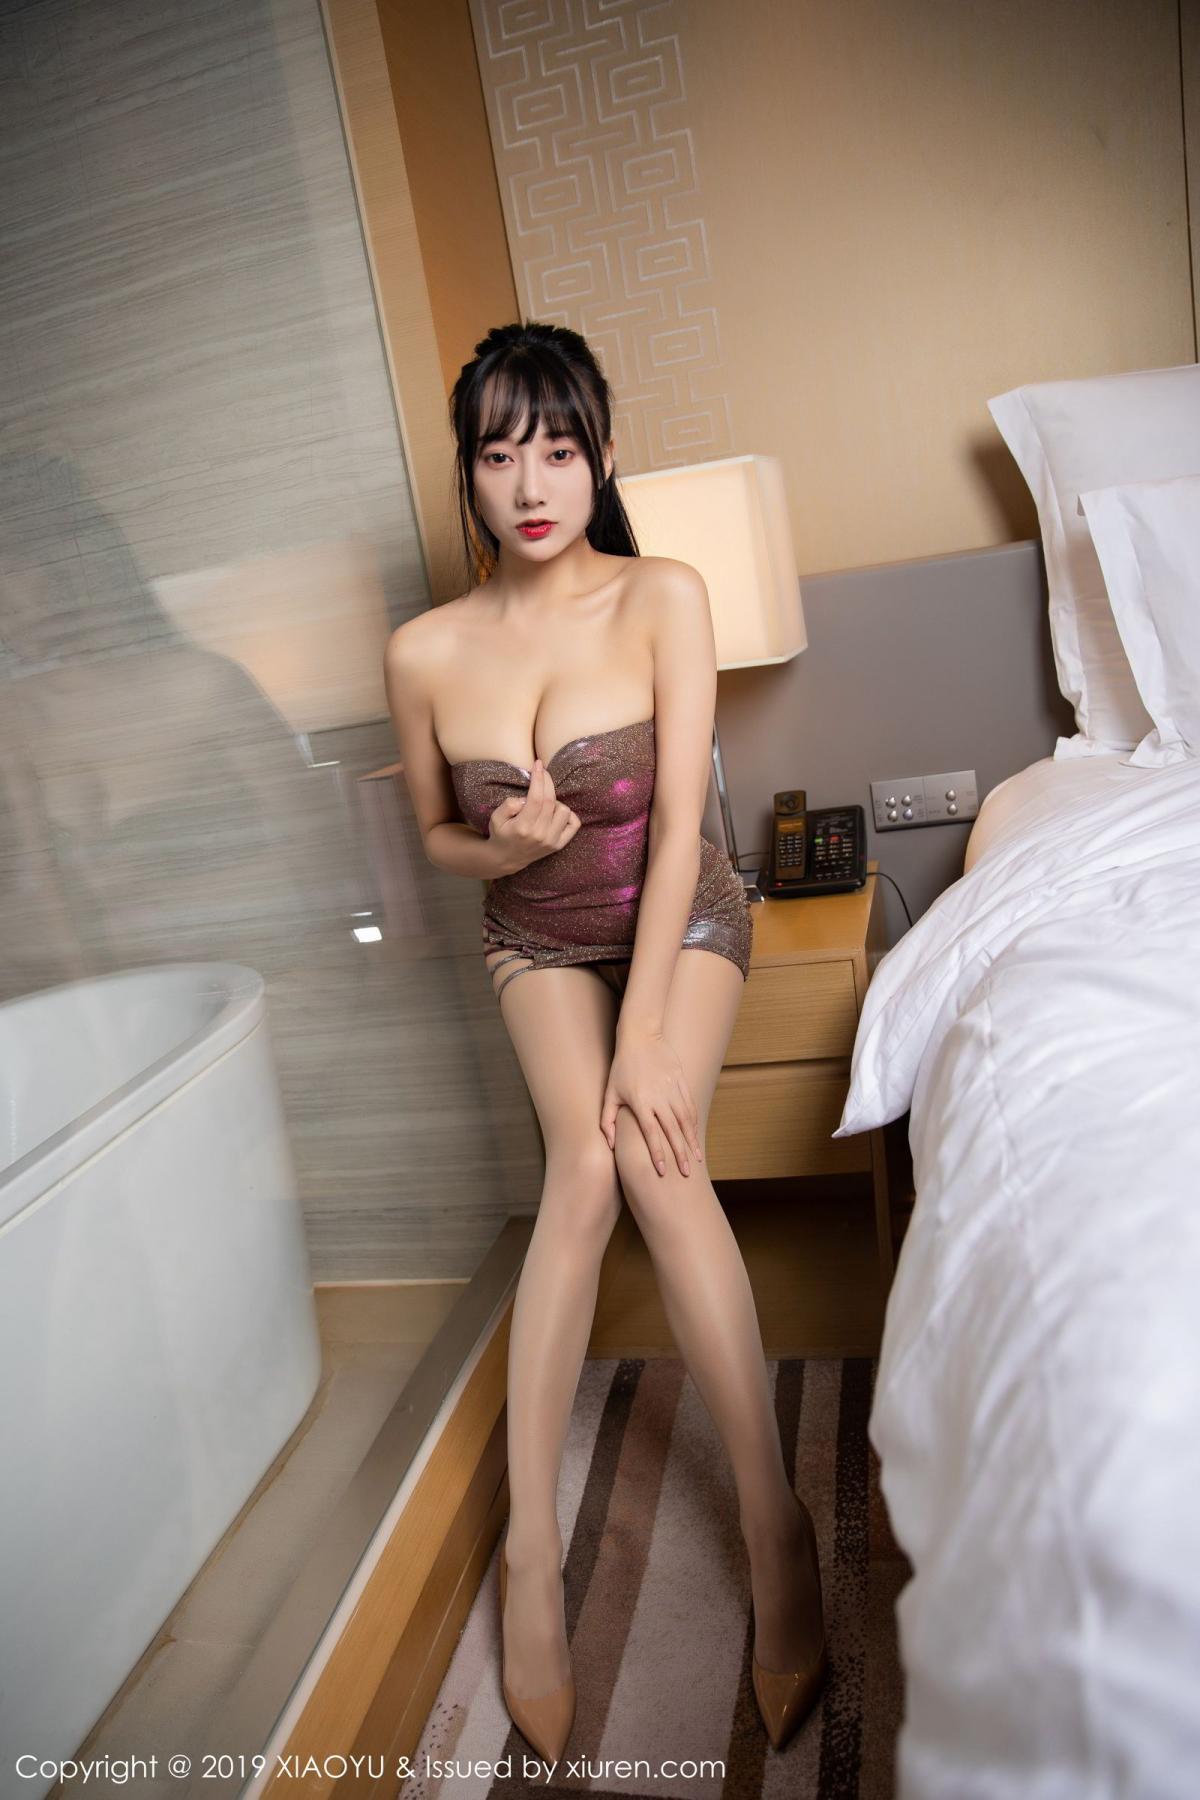 [XiaoYu] Vol.159 He Jia Ying 17P, He Jia Ying, Tall, XiaoYu